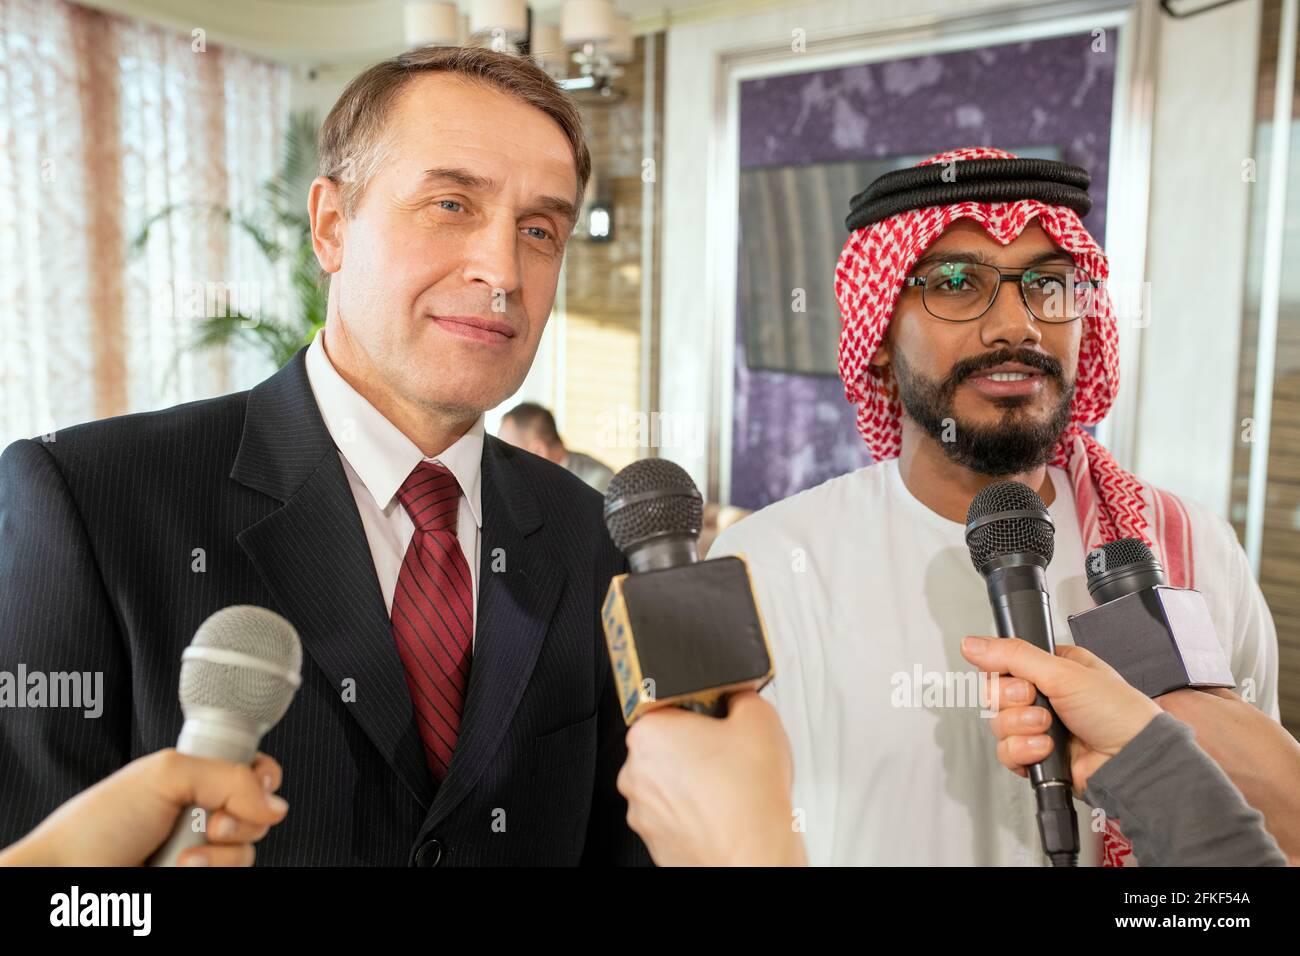 Uomini d'affari in piedi davanti ai giornalisti con microfoni durante l'intervista Foto Stock